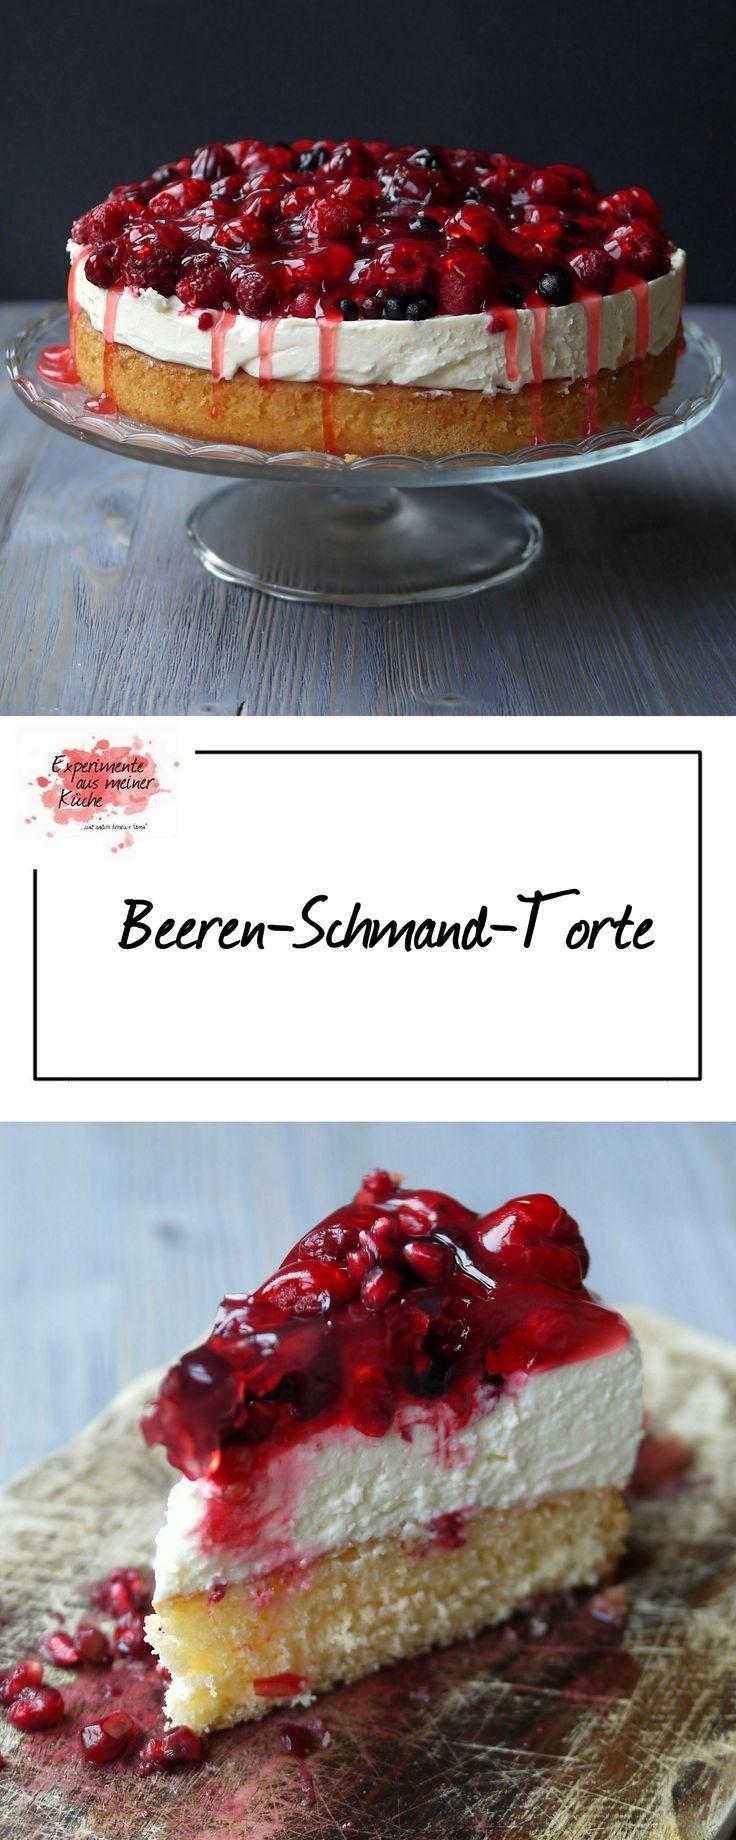 Beerentorte mit Schmand | Pinterest | Experimente aus meiner küche ...